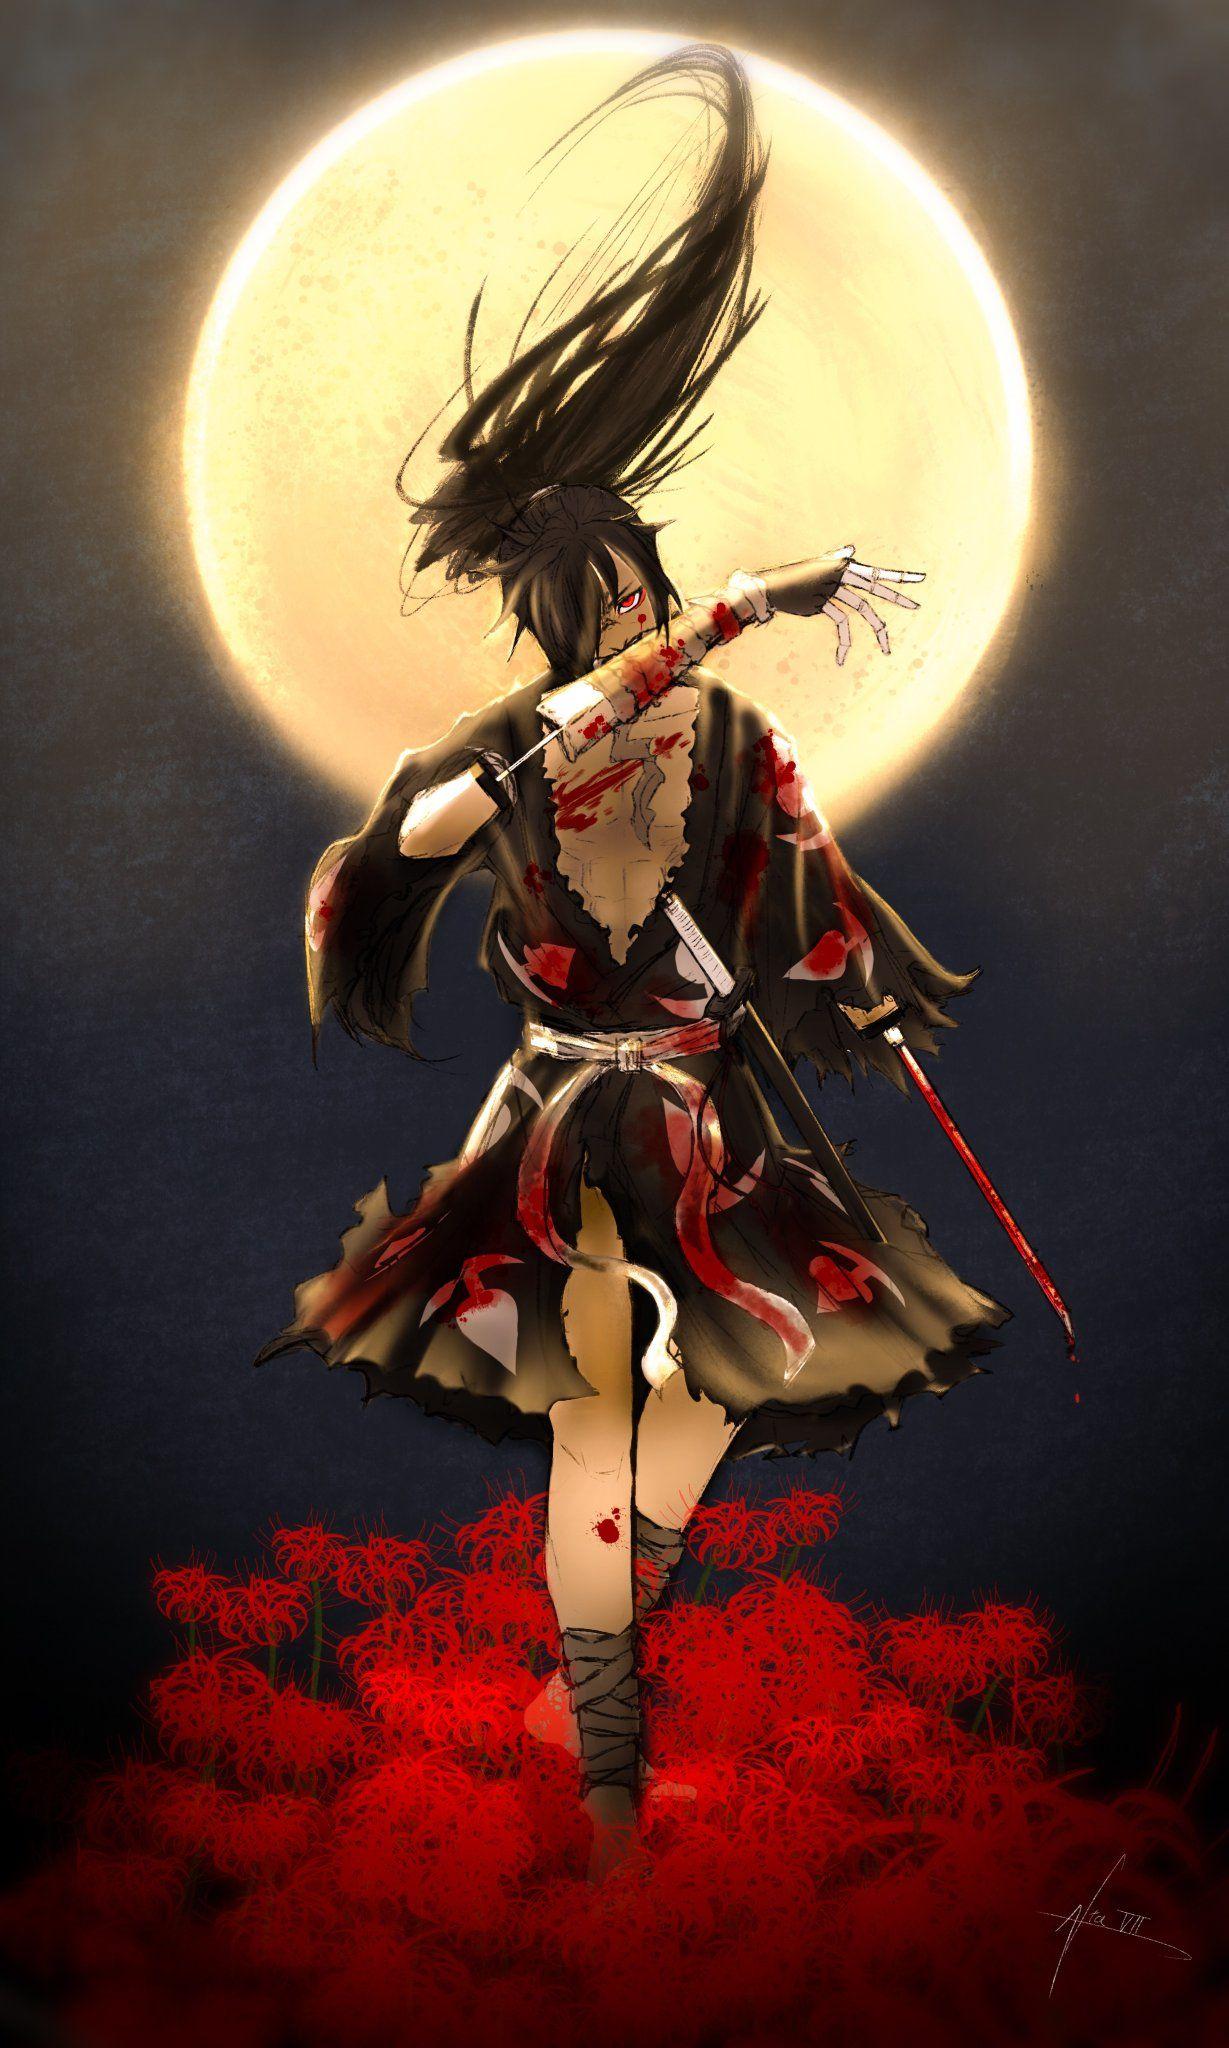 Altavii On Anime Manga Anime Anime Art